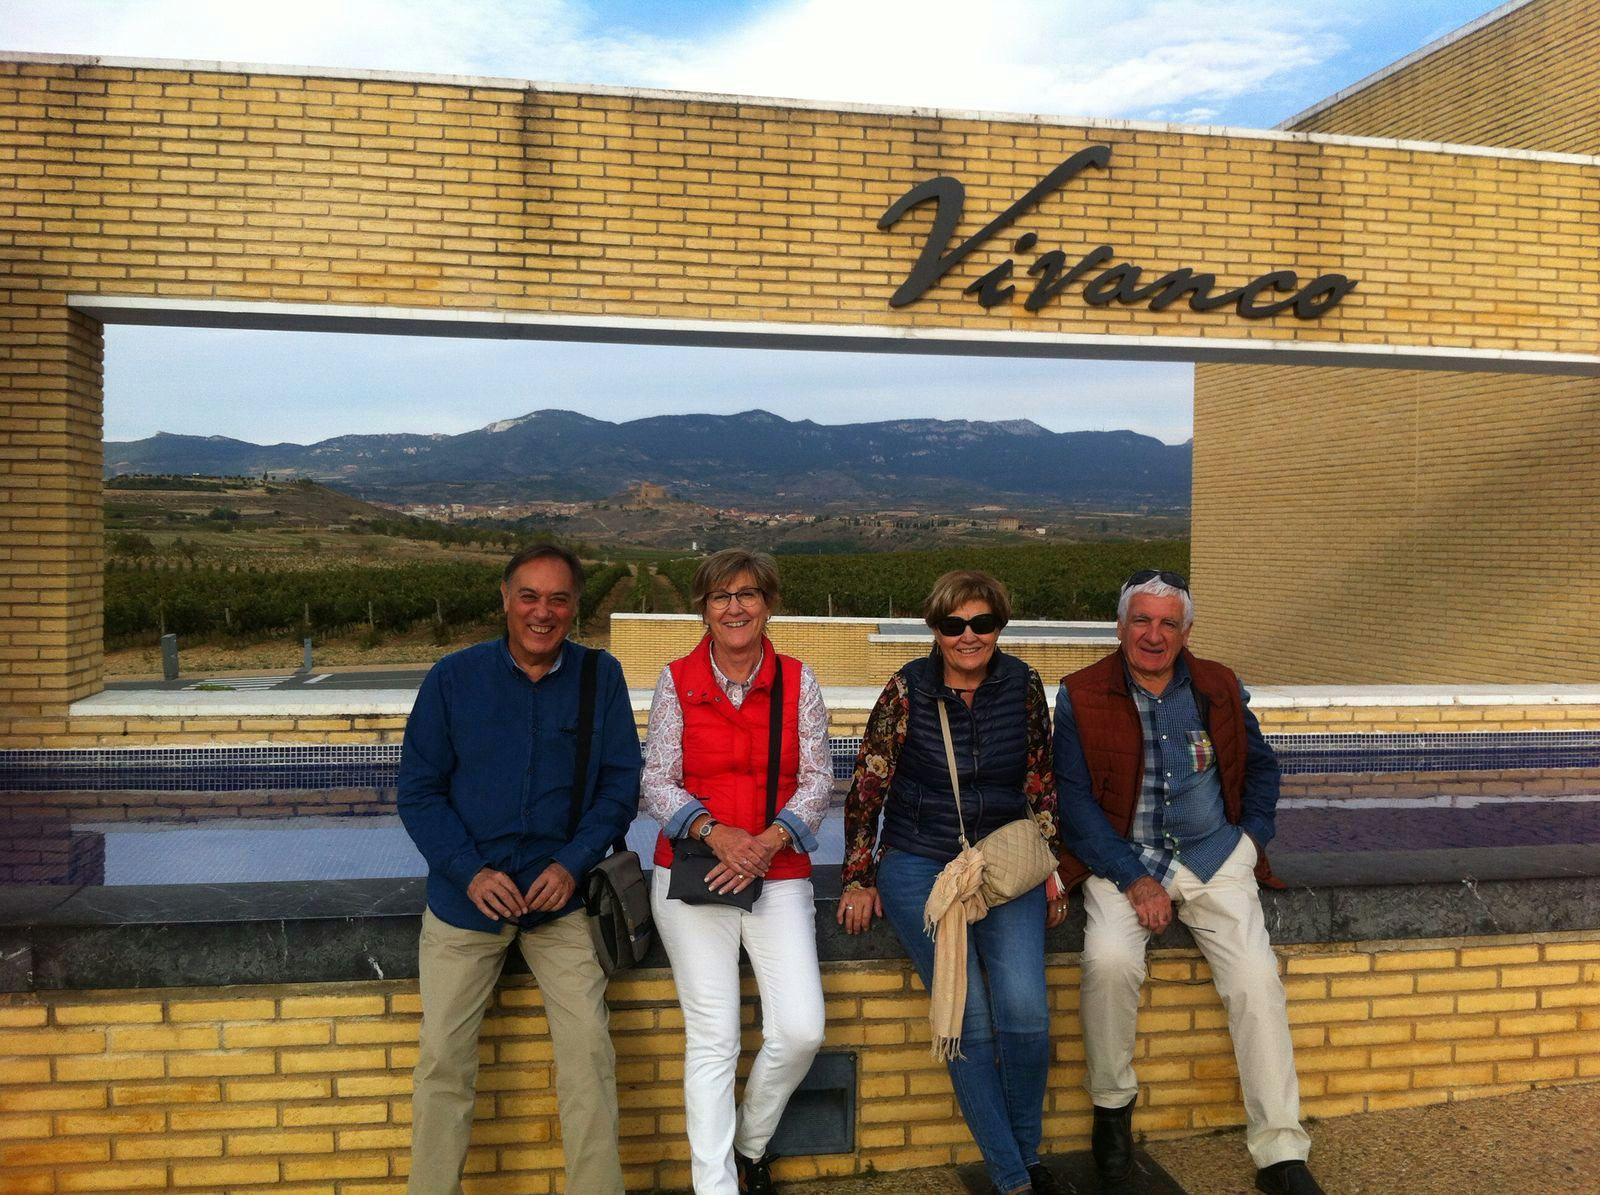 Joan, Consol y sus amigos delante del museo del vino de Briones en la Rioja